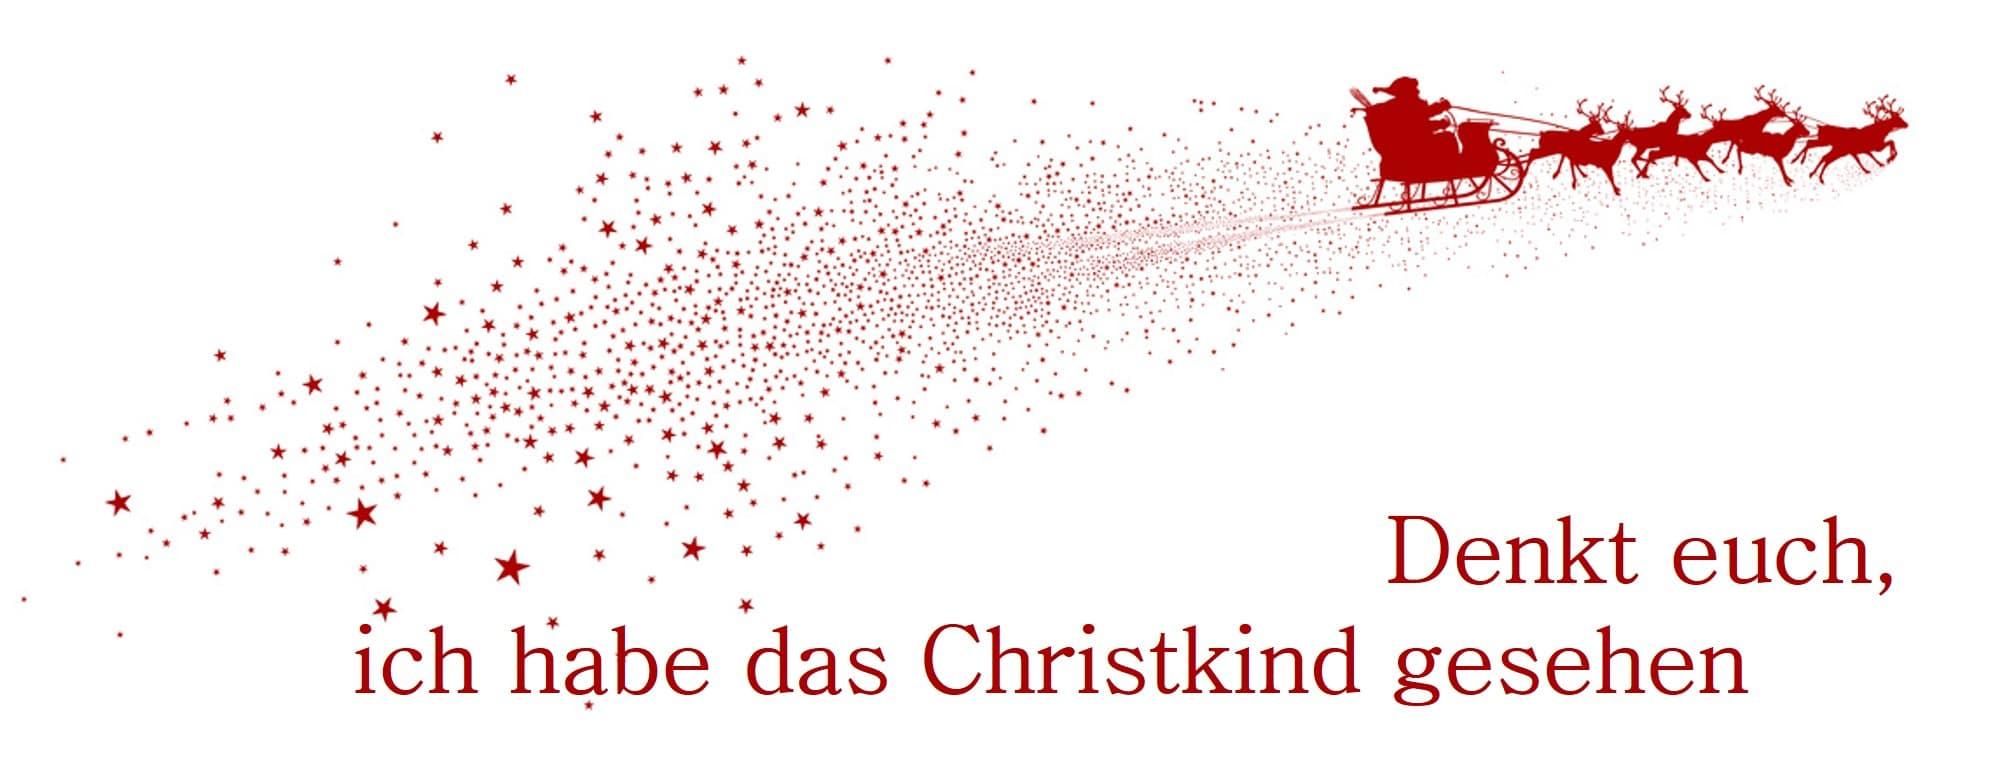 Christkind Finanzamt Gedicht